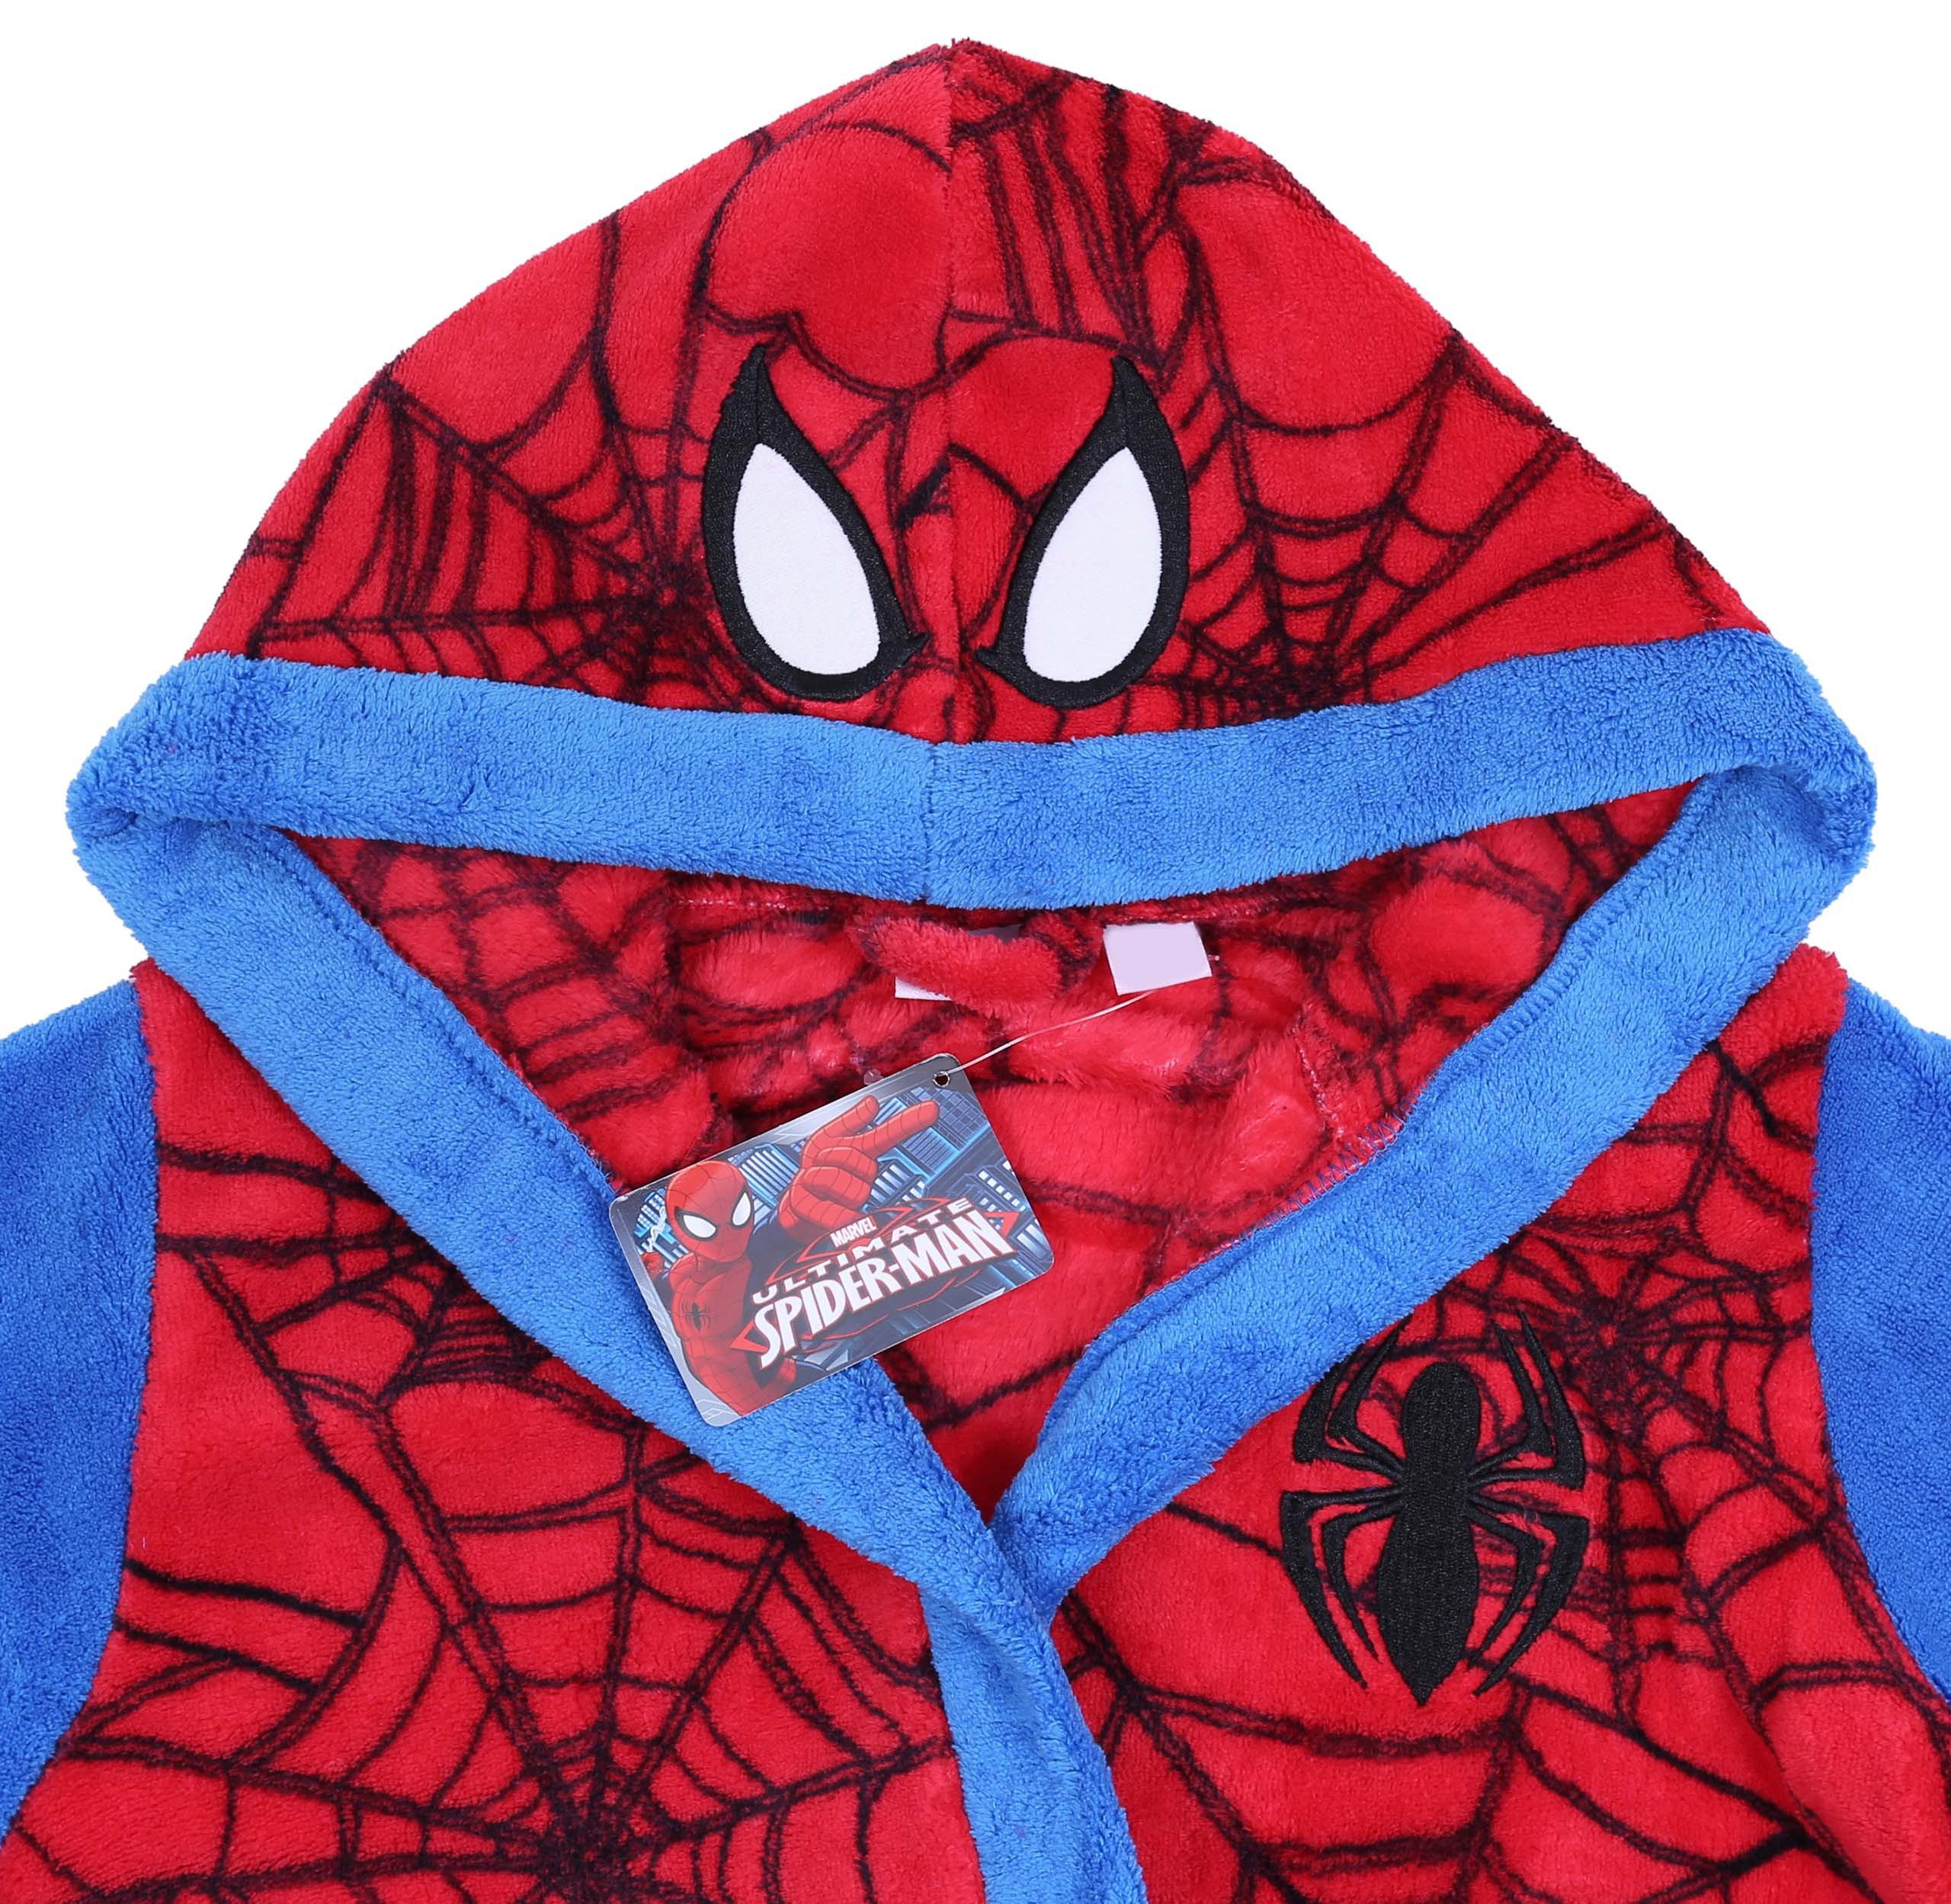 97df14f3bf980b Czerwony szlafrok Spiderman MARVEL 2-3 lat 98 cm - 6750683989 ...